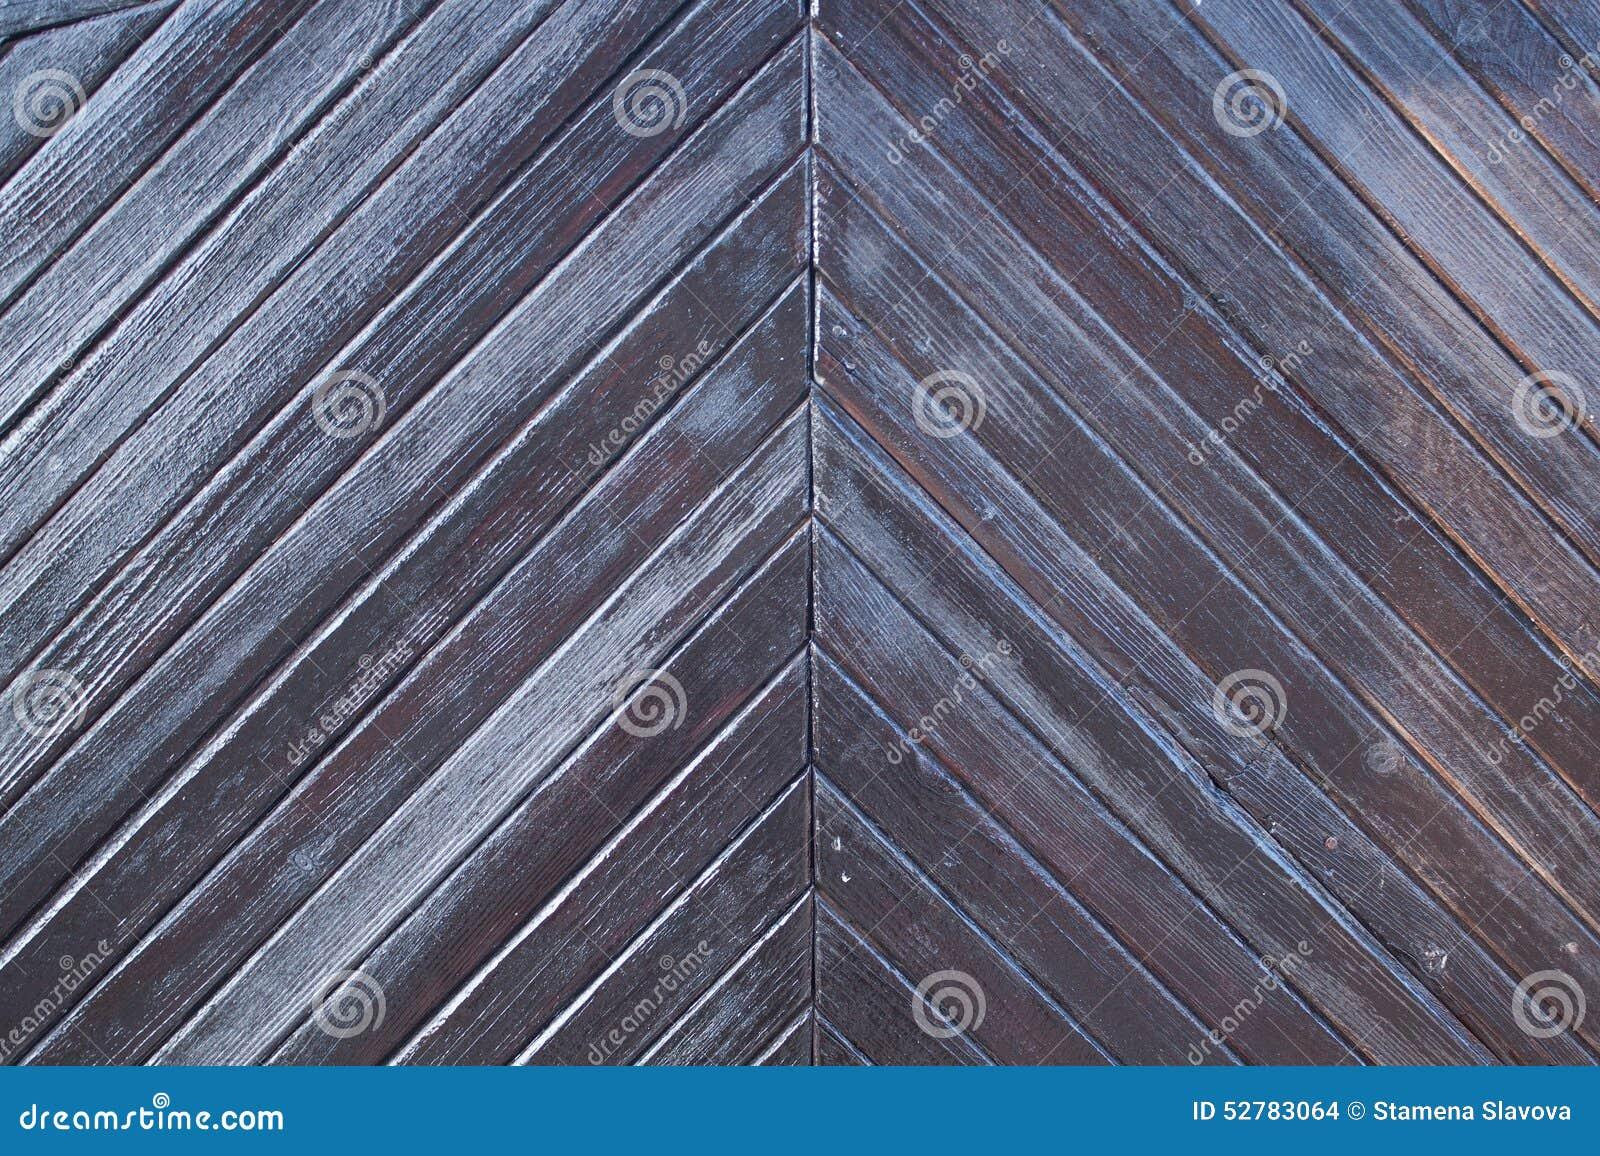 Ξύλινη σύσταση παλαιές σανίδες